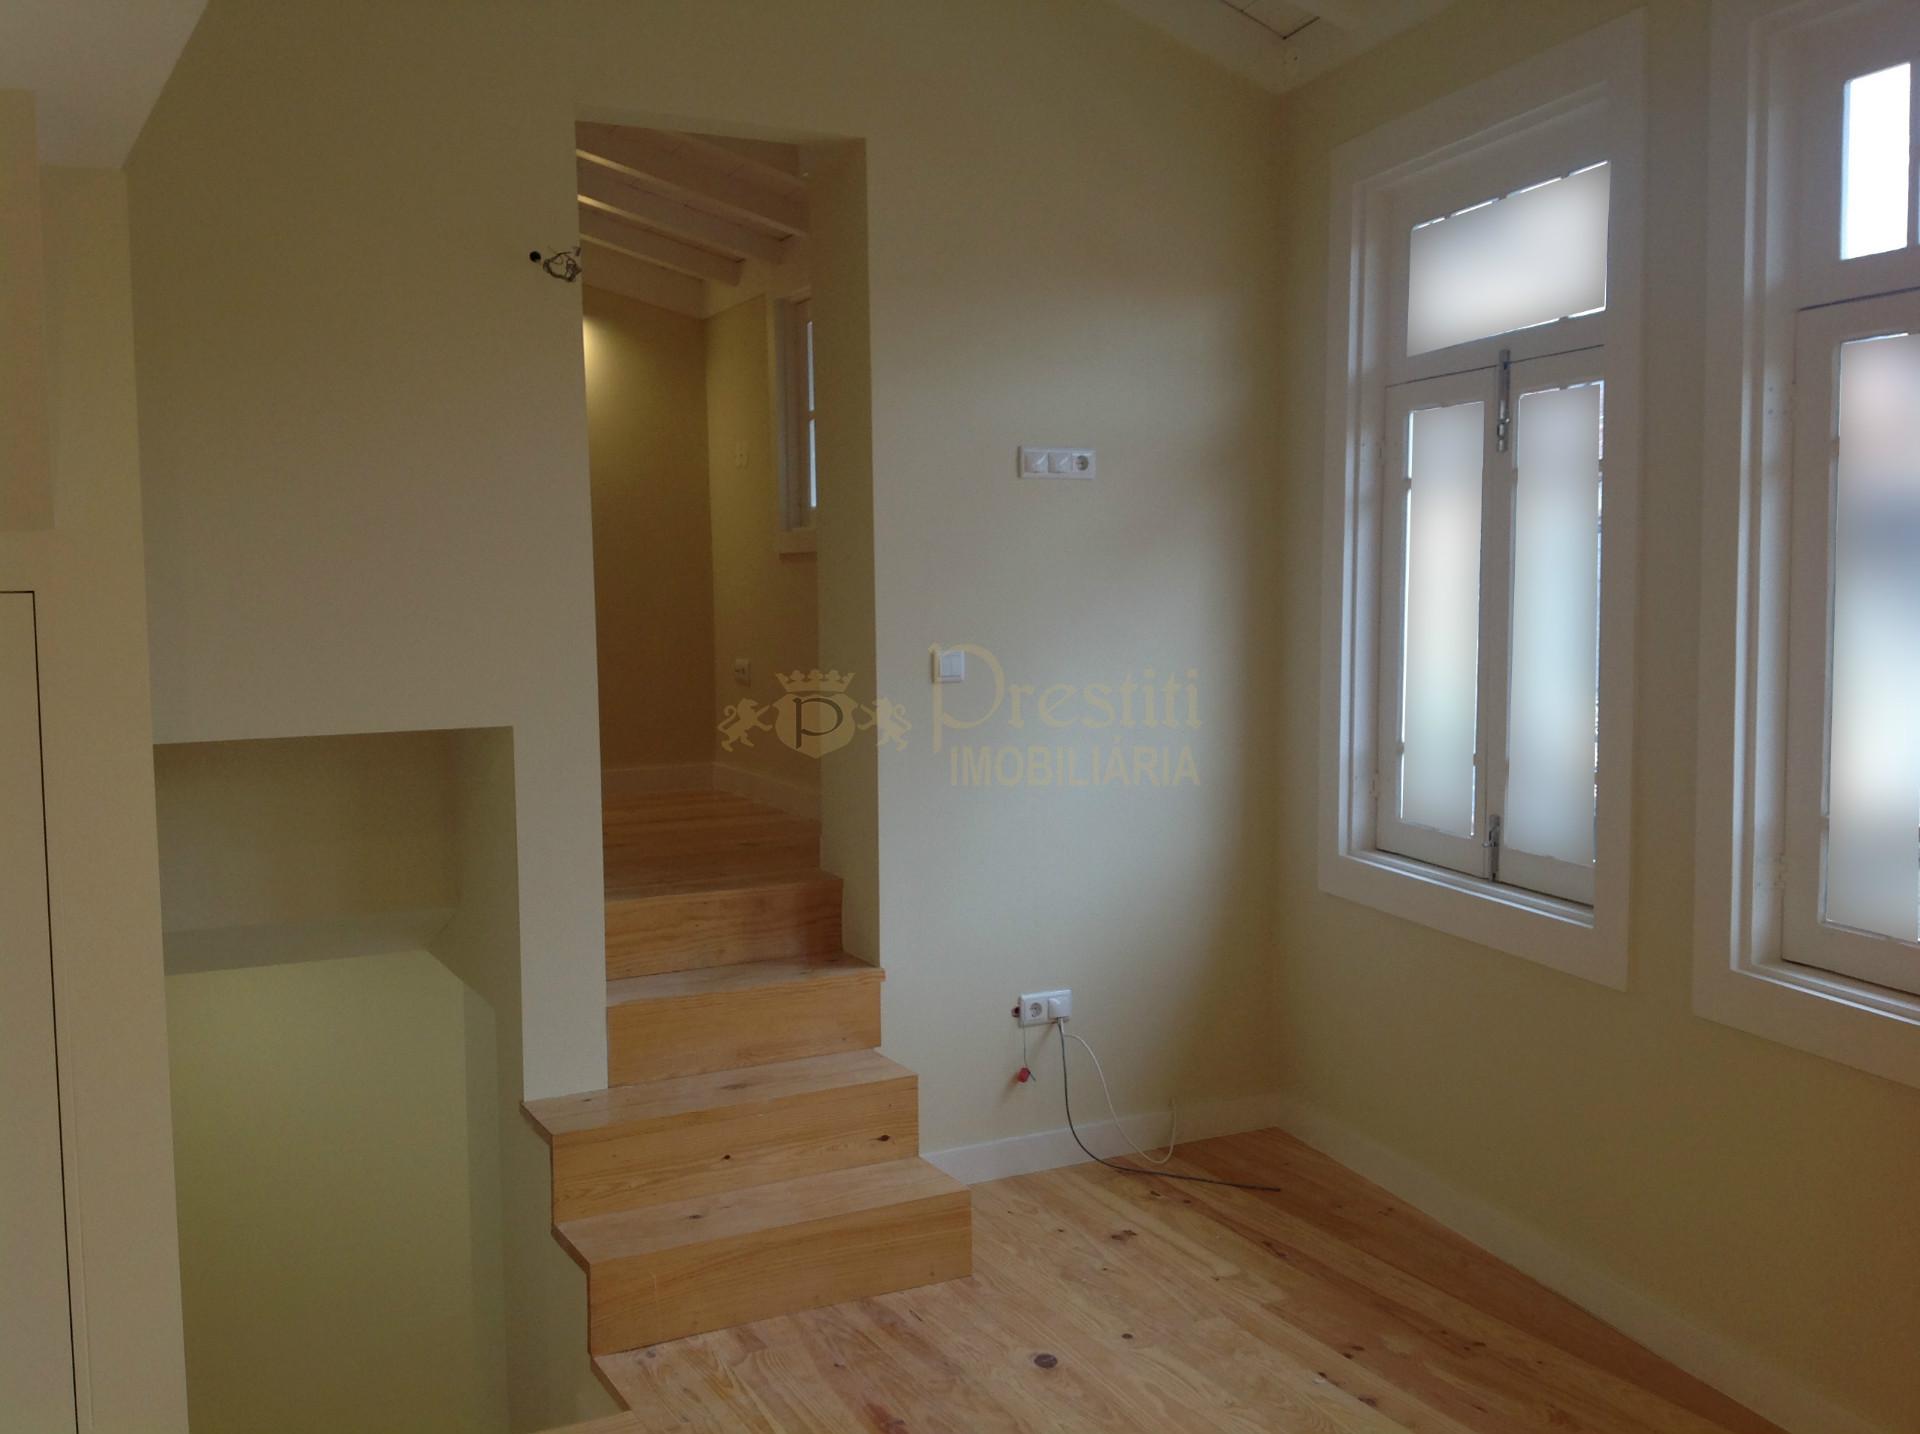 Favoloso appartamento 0 + 1 nel centro storico di Guimarães